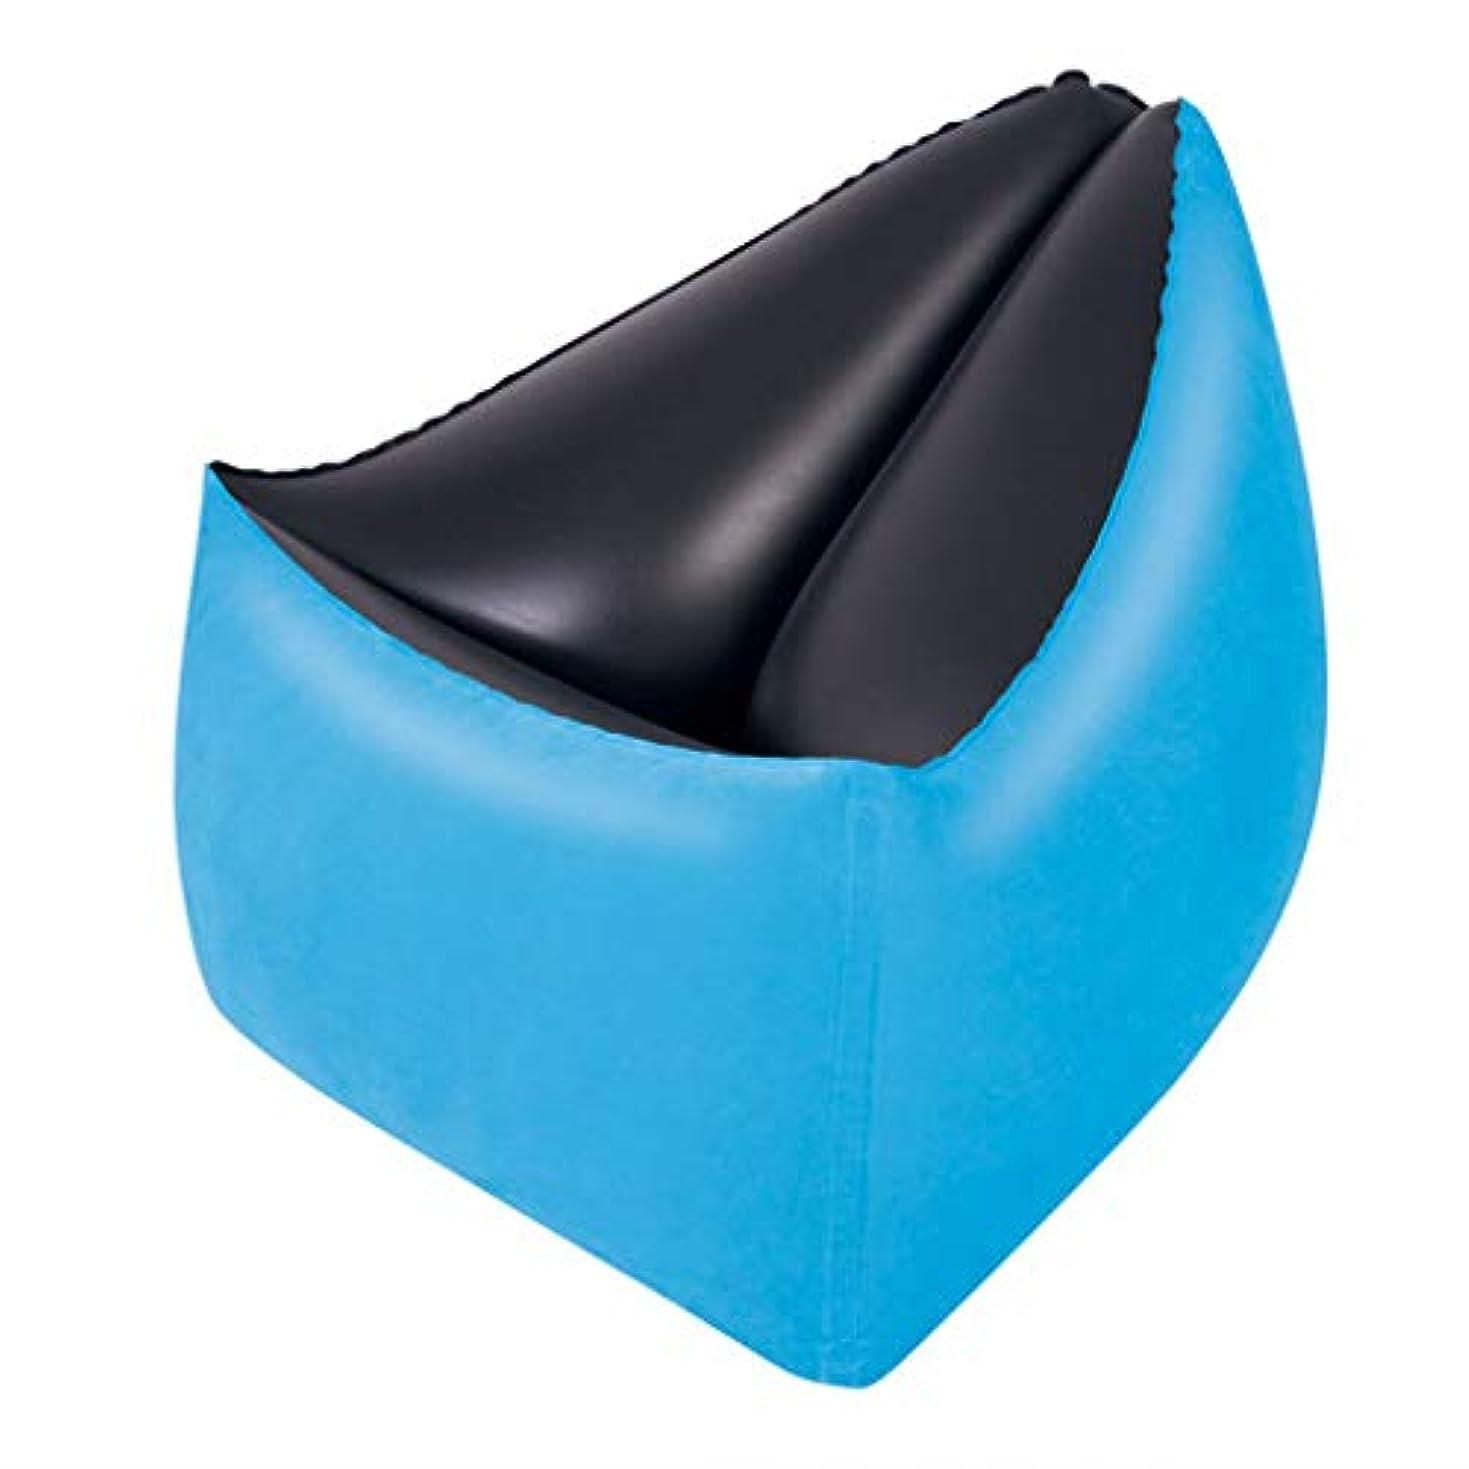 やさしい扱う然としたインフレータブルソファエアーベッドナッピング折りたたみチェアファッション怠惰なソファ屋外インフレータブルチェアファッションソファーインフレータブルラウンジチェア(BLUE)